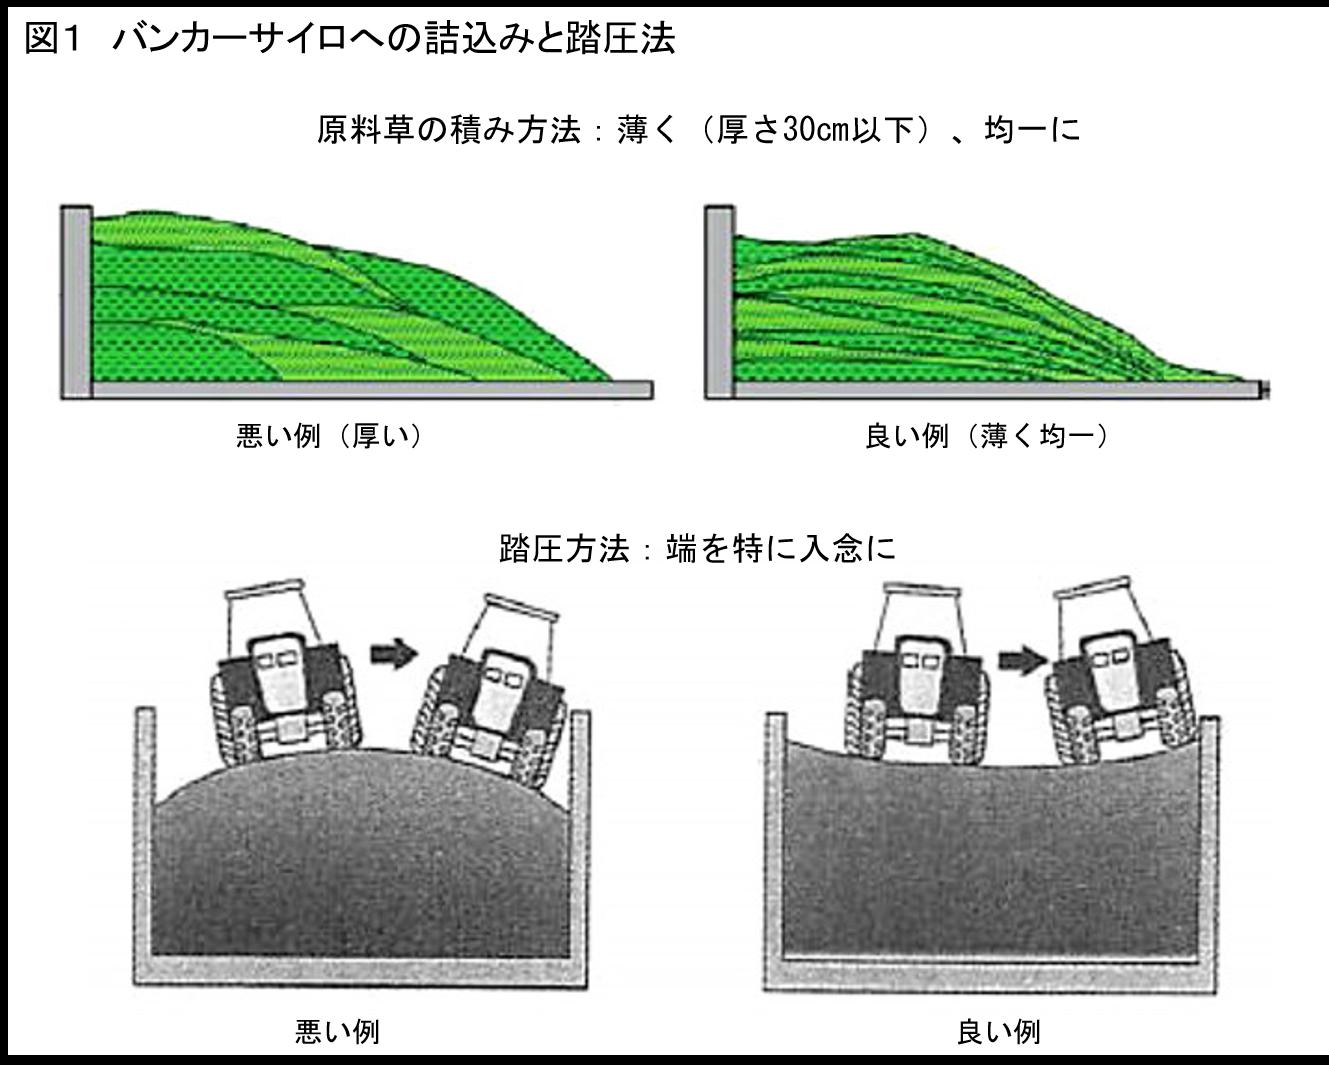 飼料作物の生産と調製―理論と実際― ≪第4回≫牧草の調製利用~サイレージ調製の基本と実際~